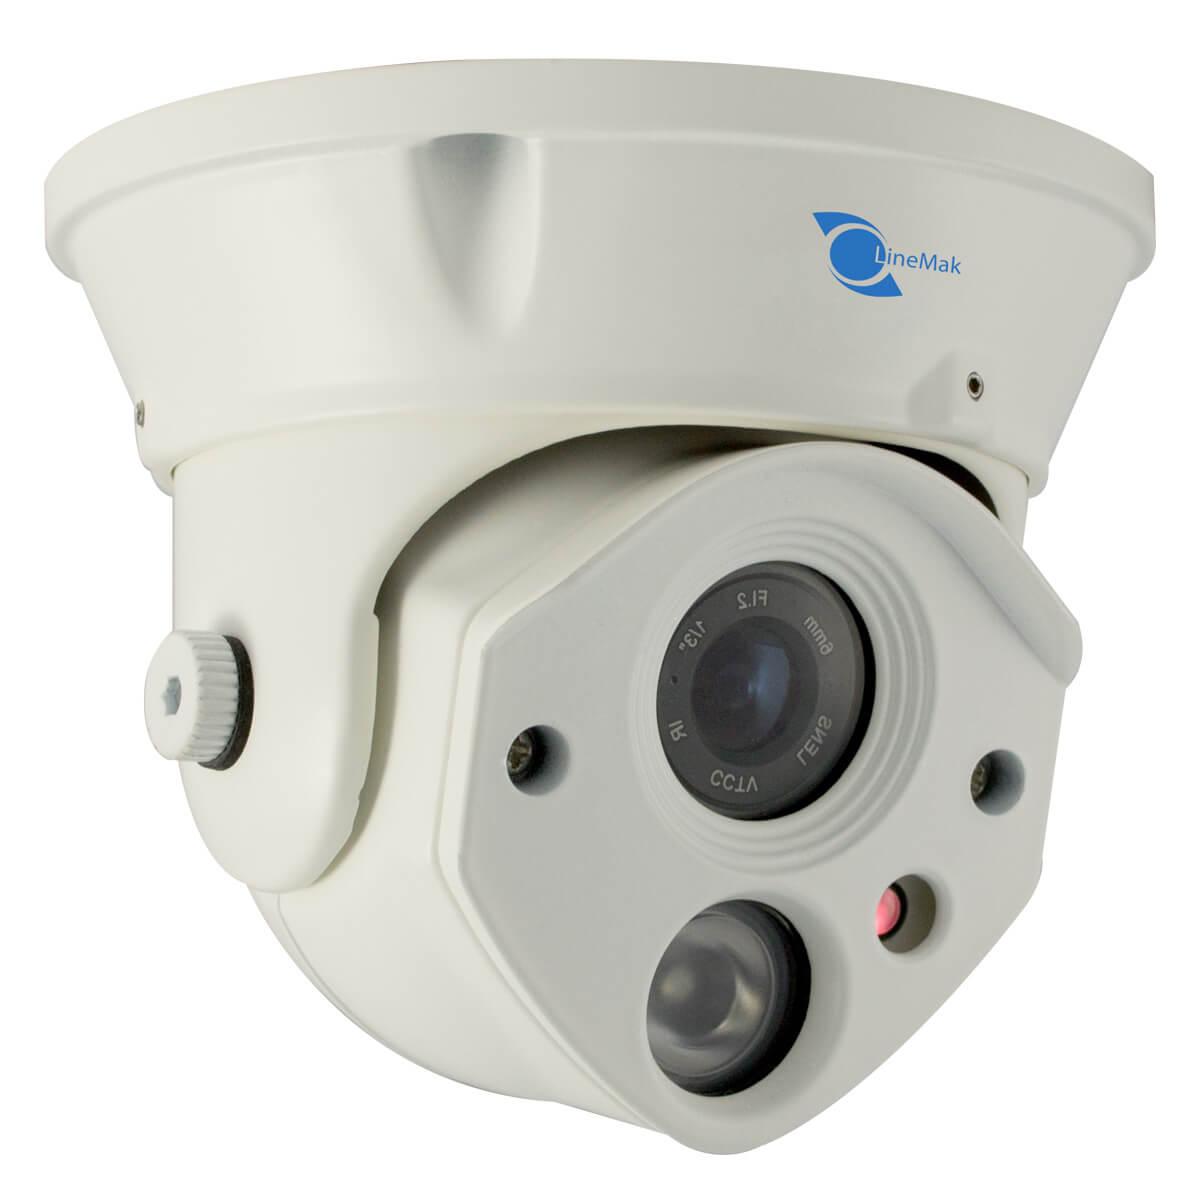 Vandalproof Dome camera, SONY CCD Sensor 700TVL, 6mm lens, 1 LED Arra